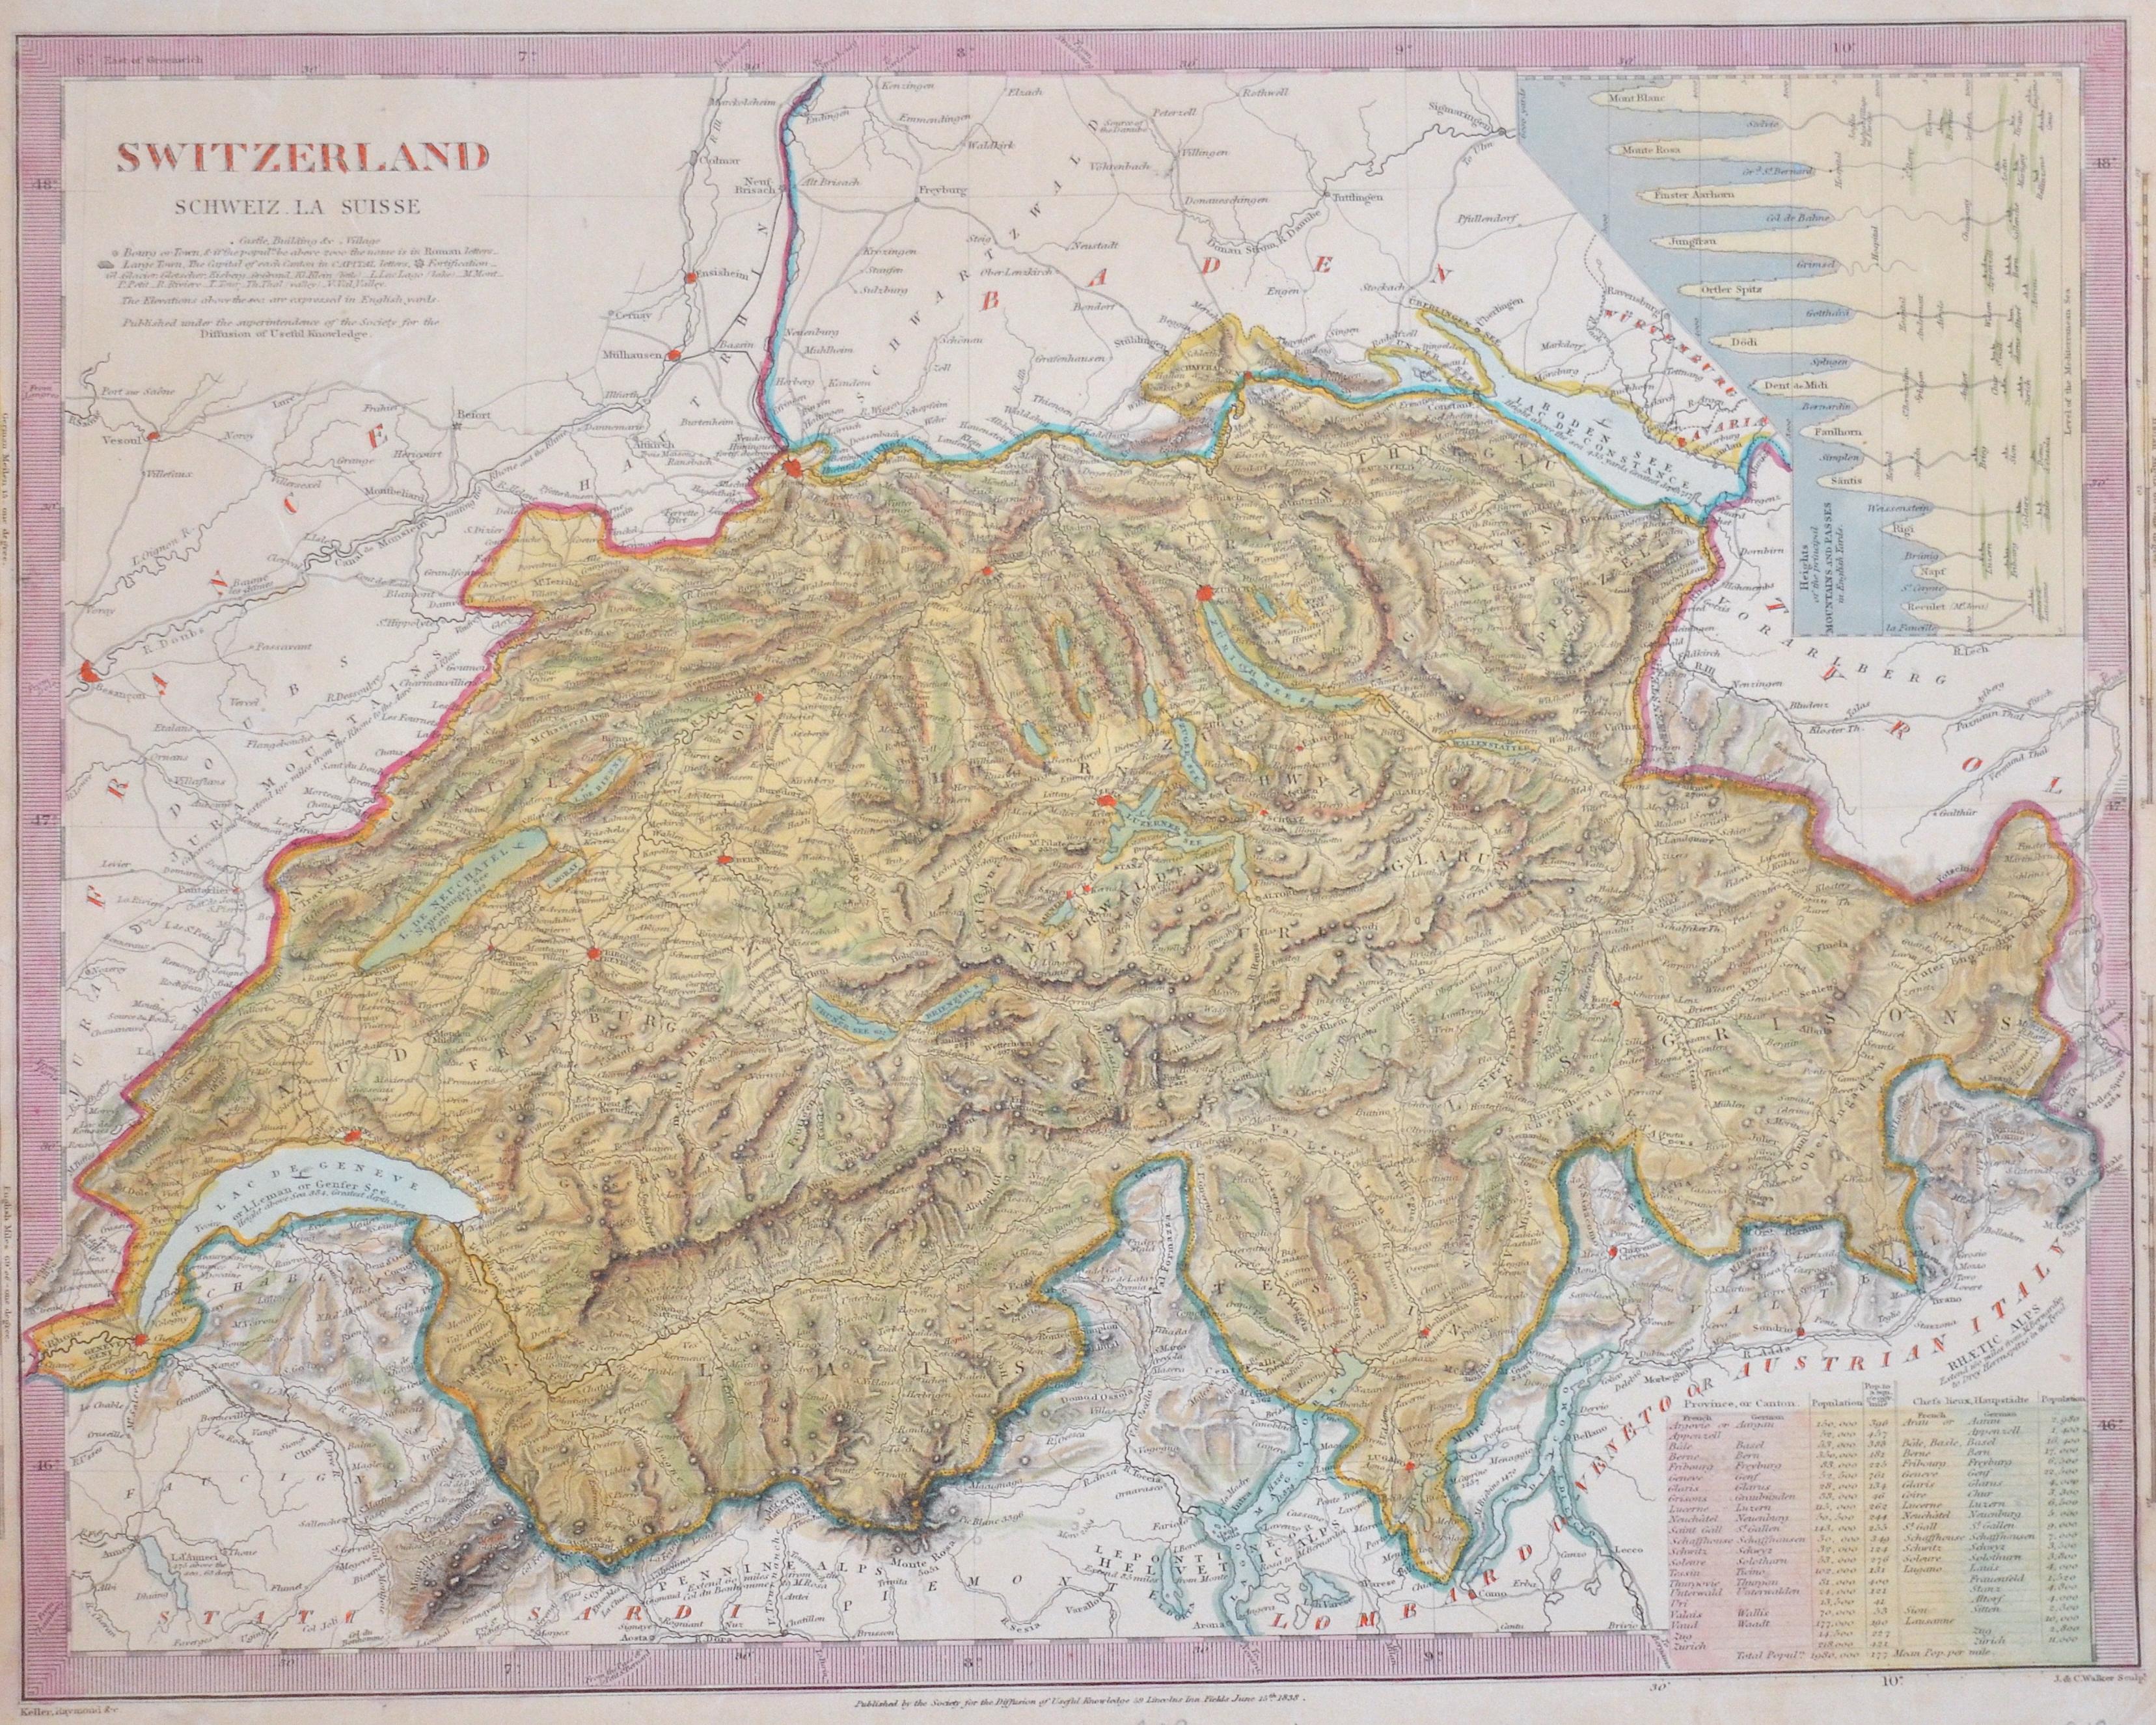 Walker John/C. Switzerland Schweiz la Suisse